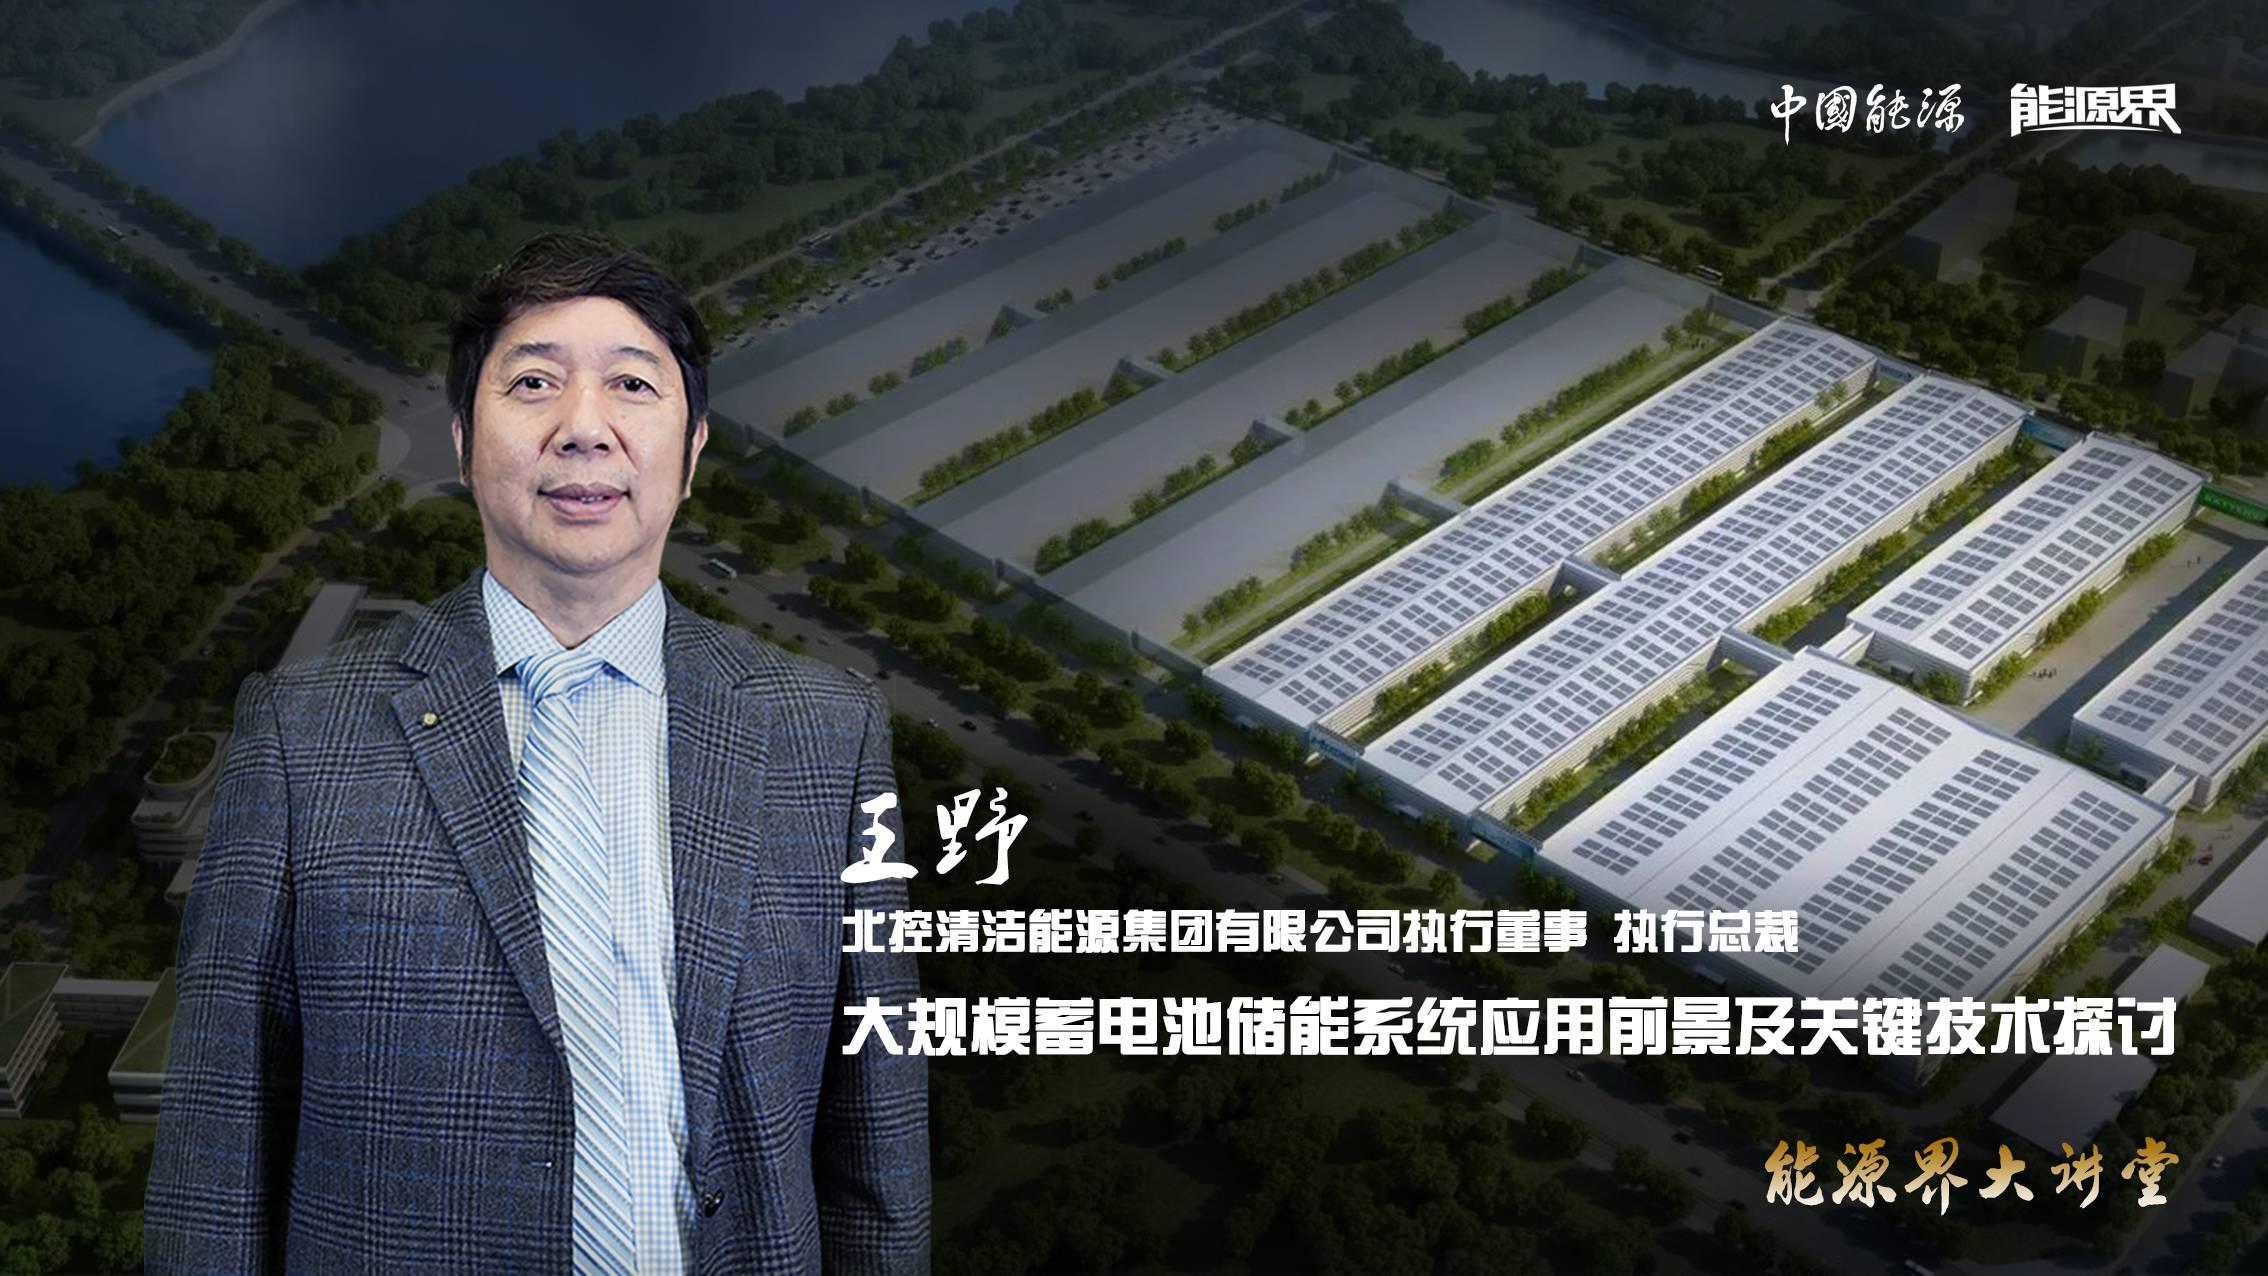 王野:大规模蓄电池储能系统应用前景及关键技术探讨